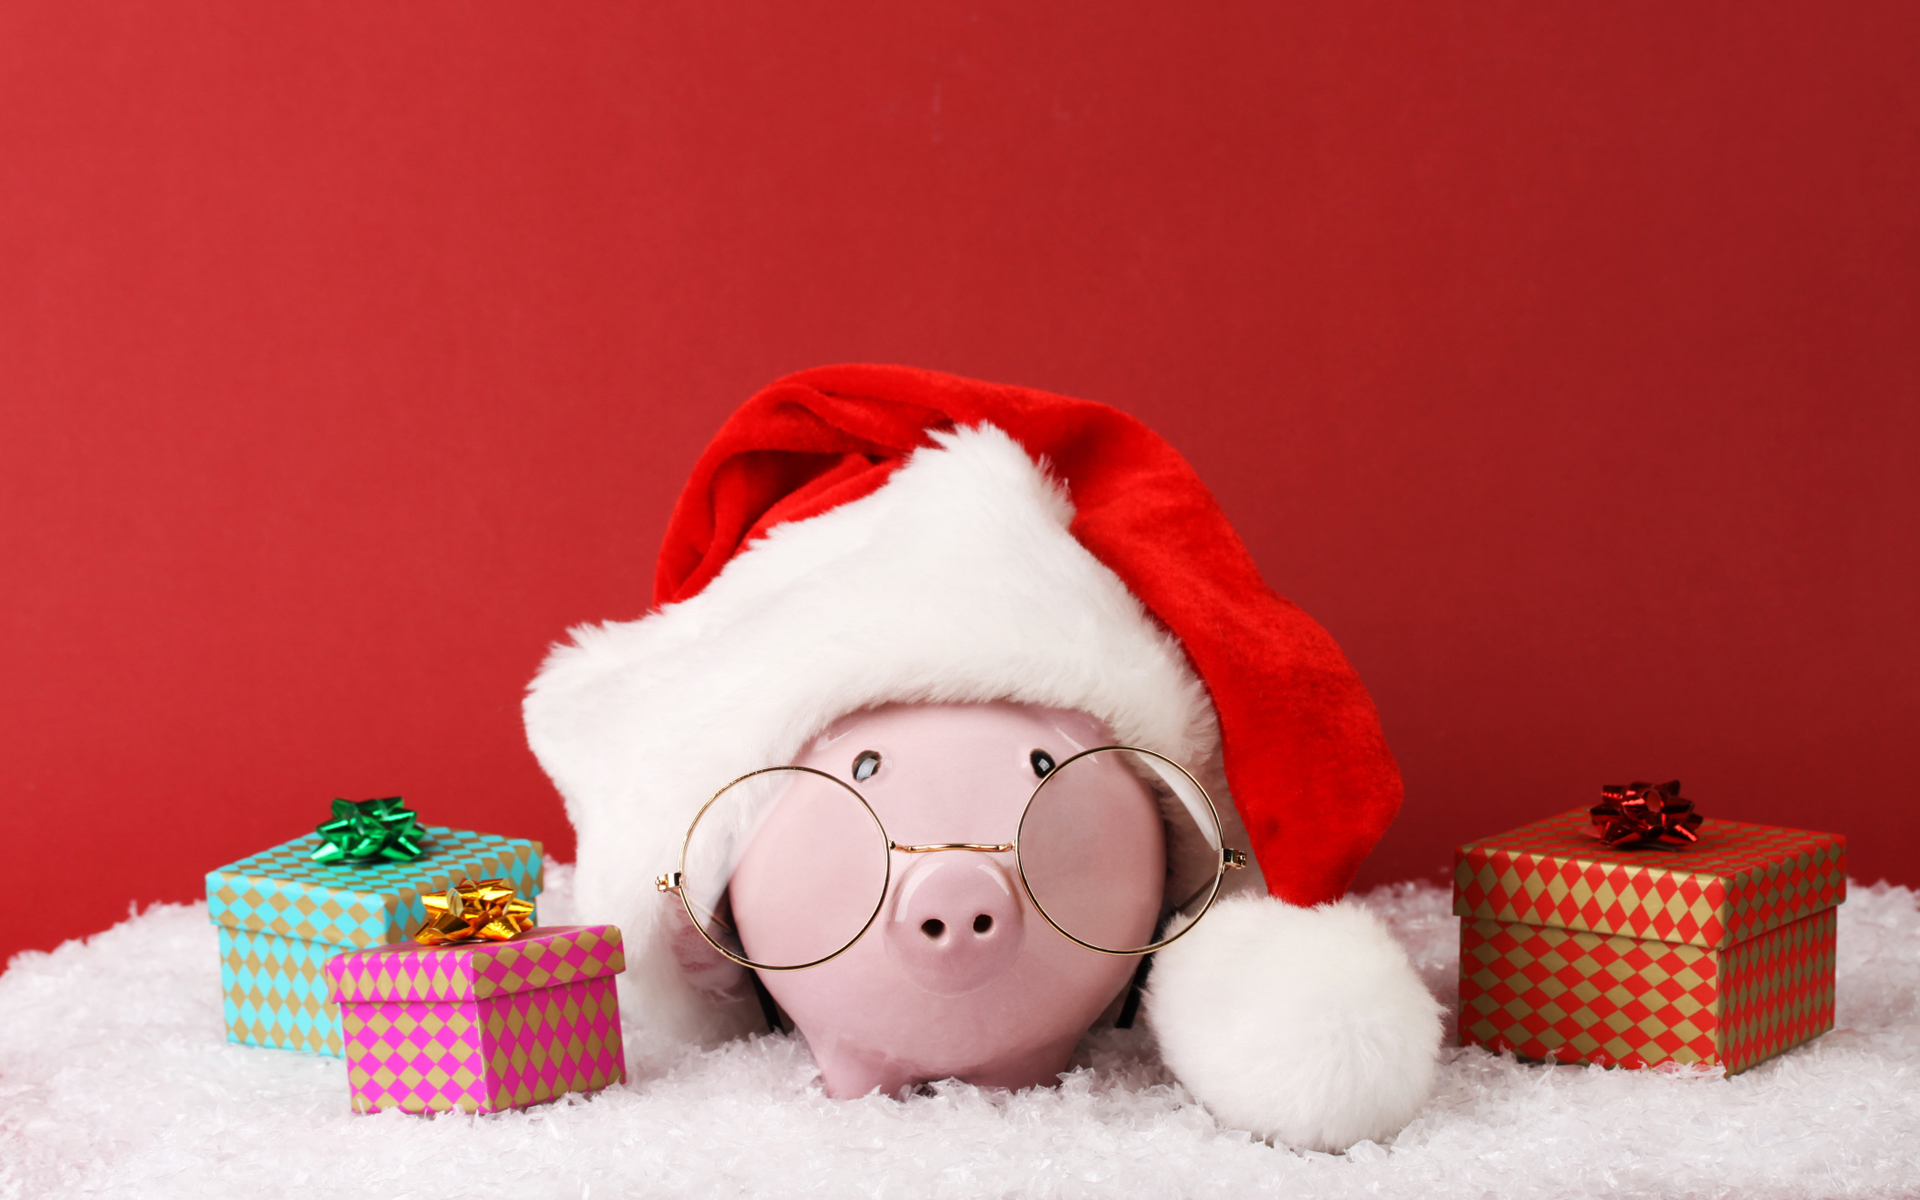 Щедровки на Старый Новый год. Тексты щедровальных песен картинки